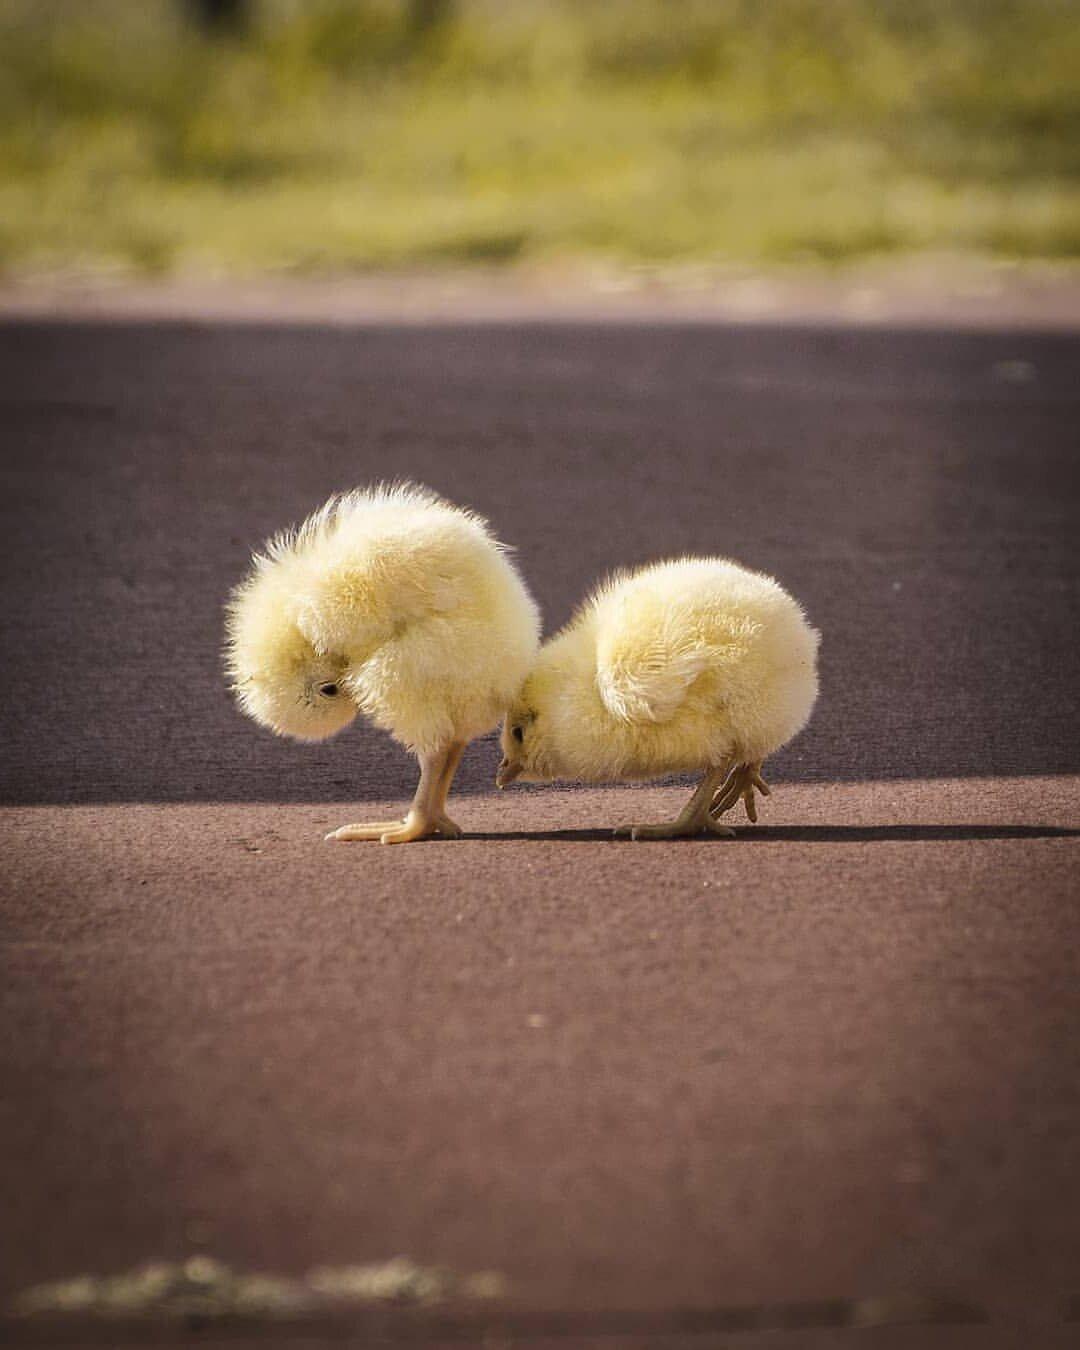 Картинка цыпленка прикольная